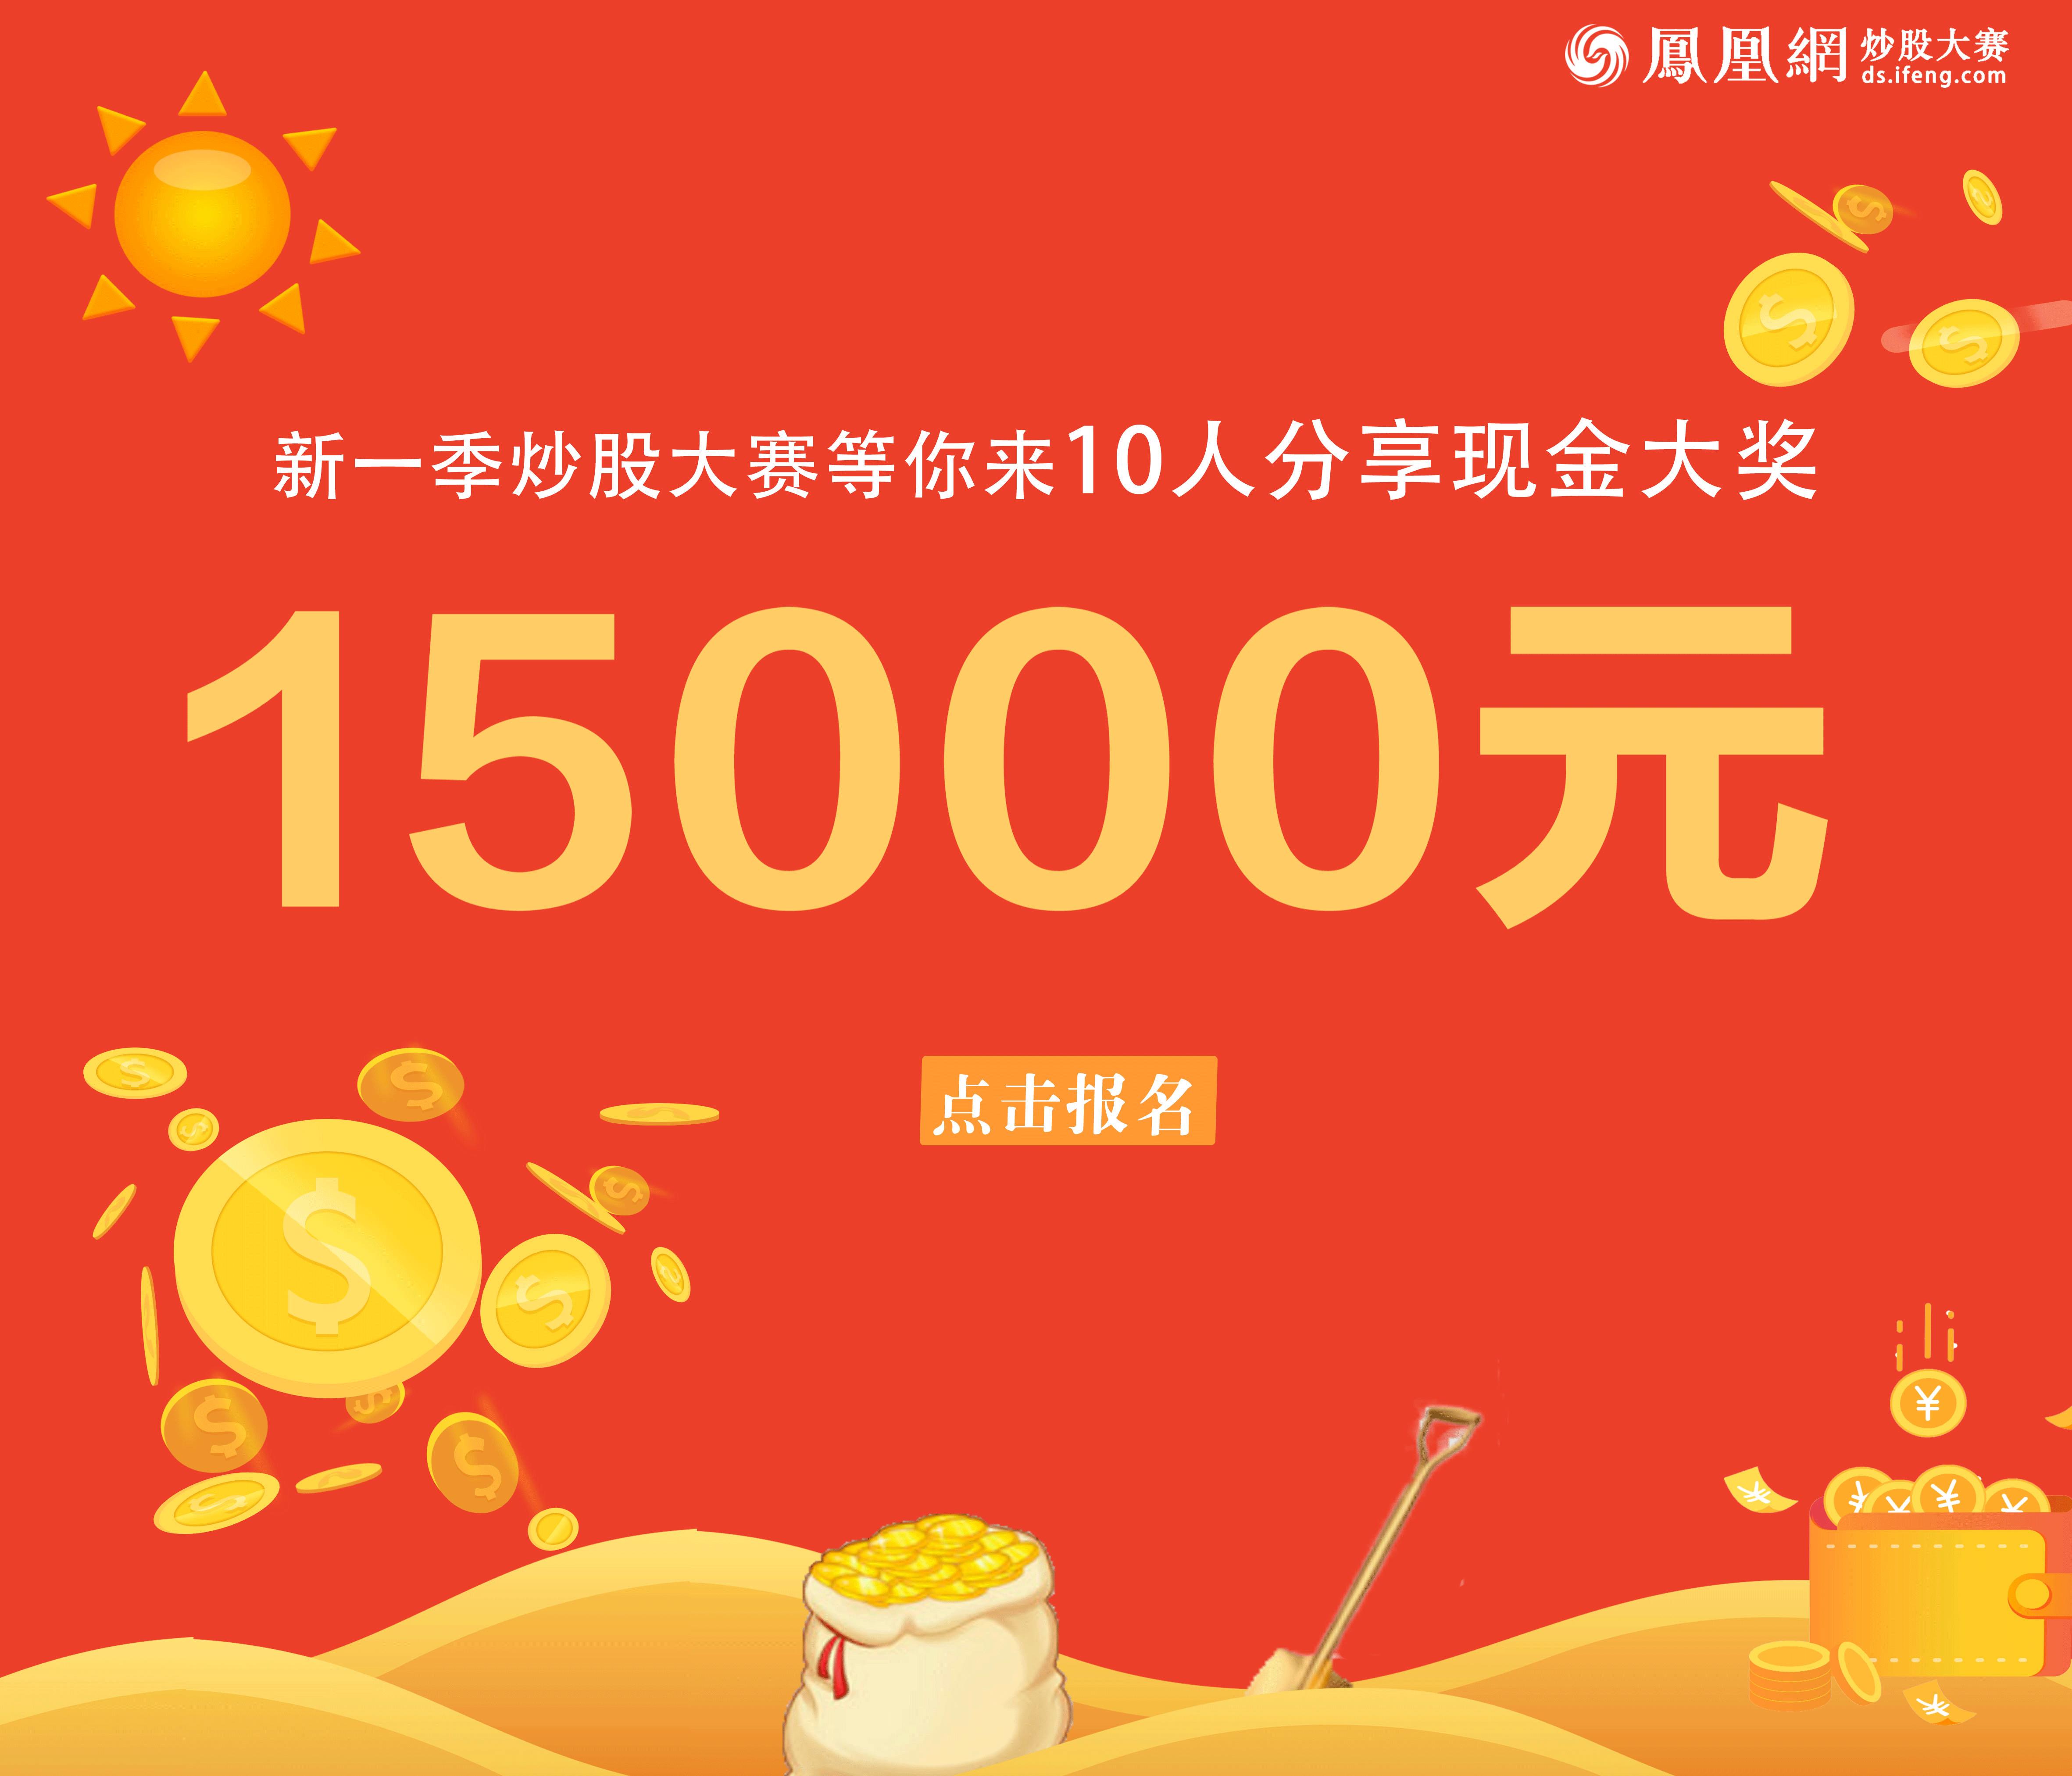 炒股大赛:10人分享15000现金